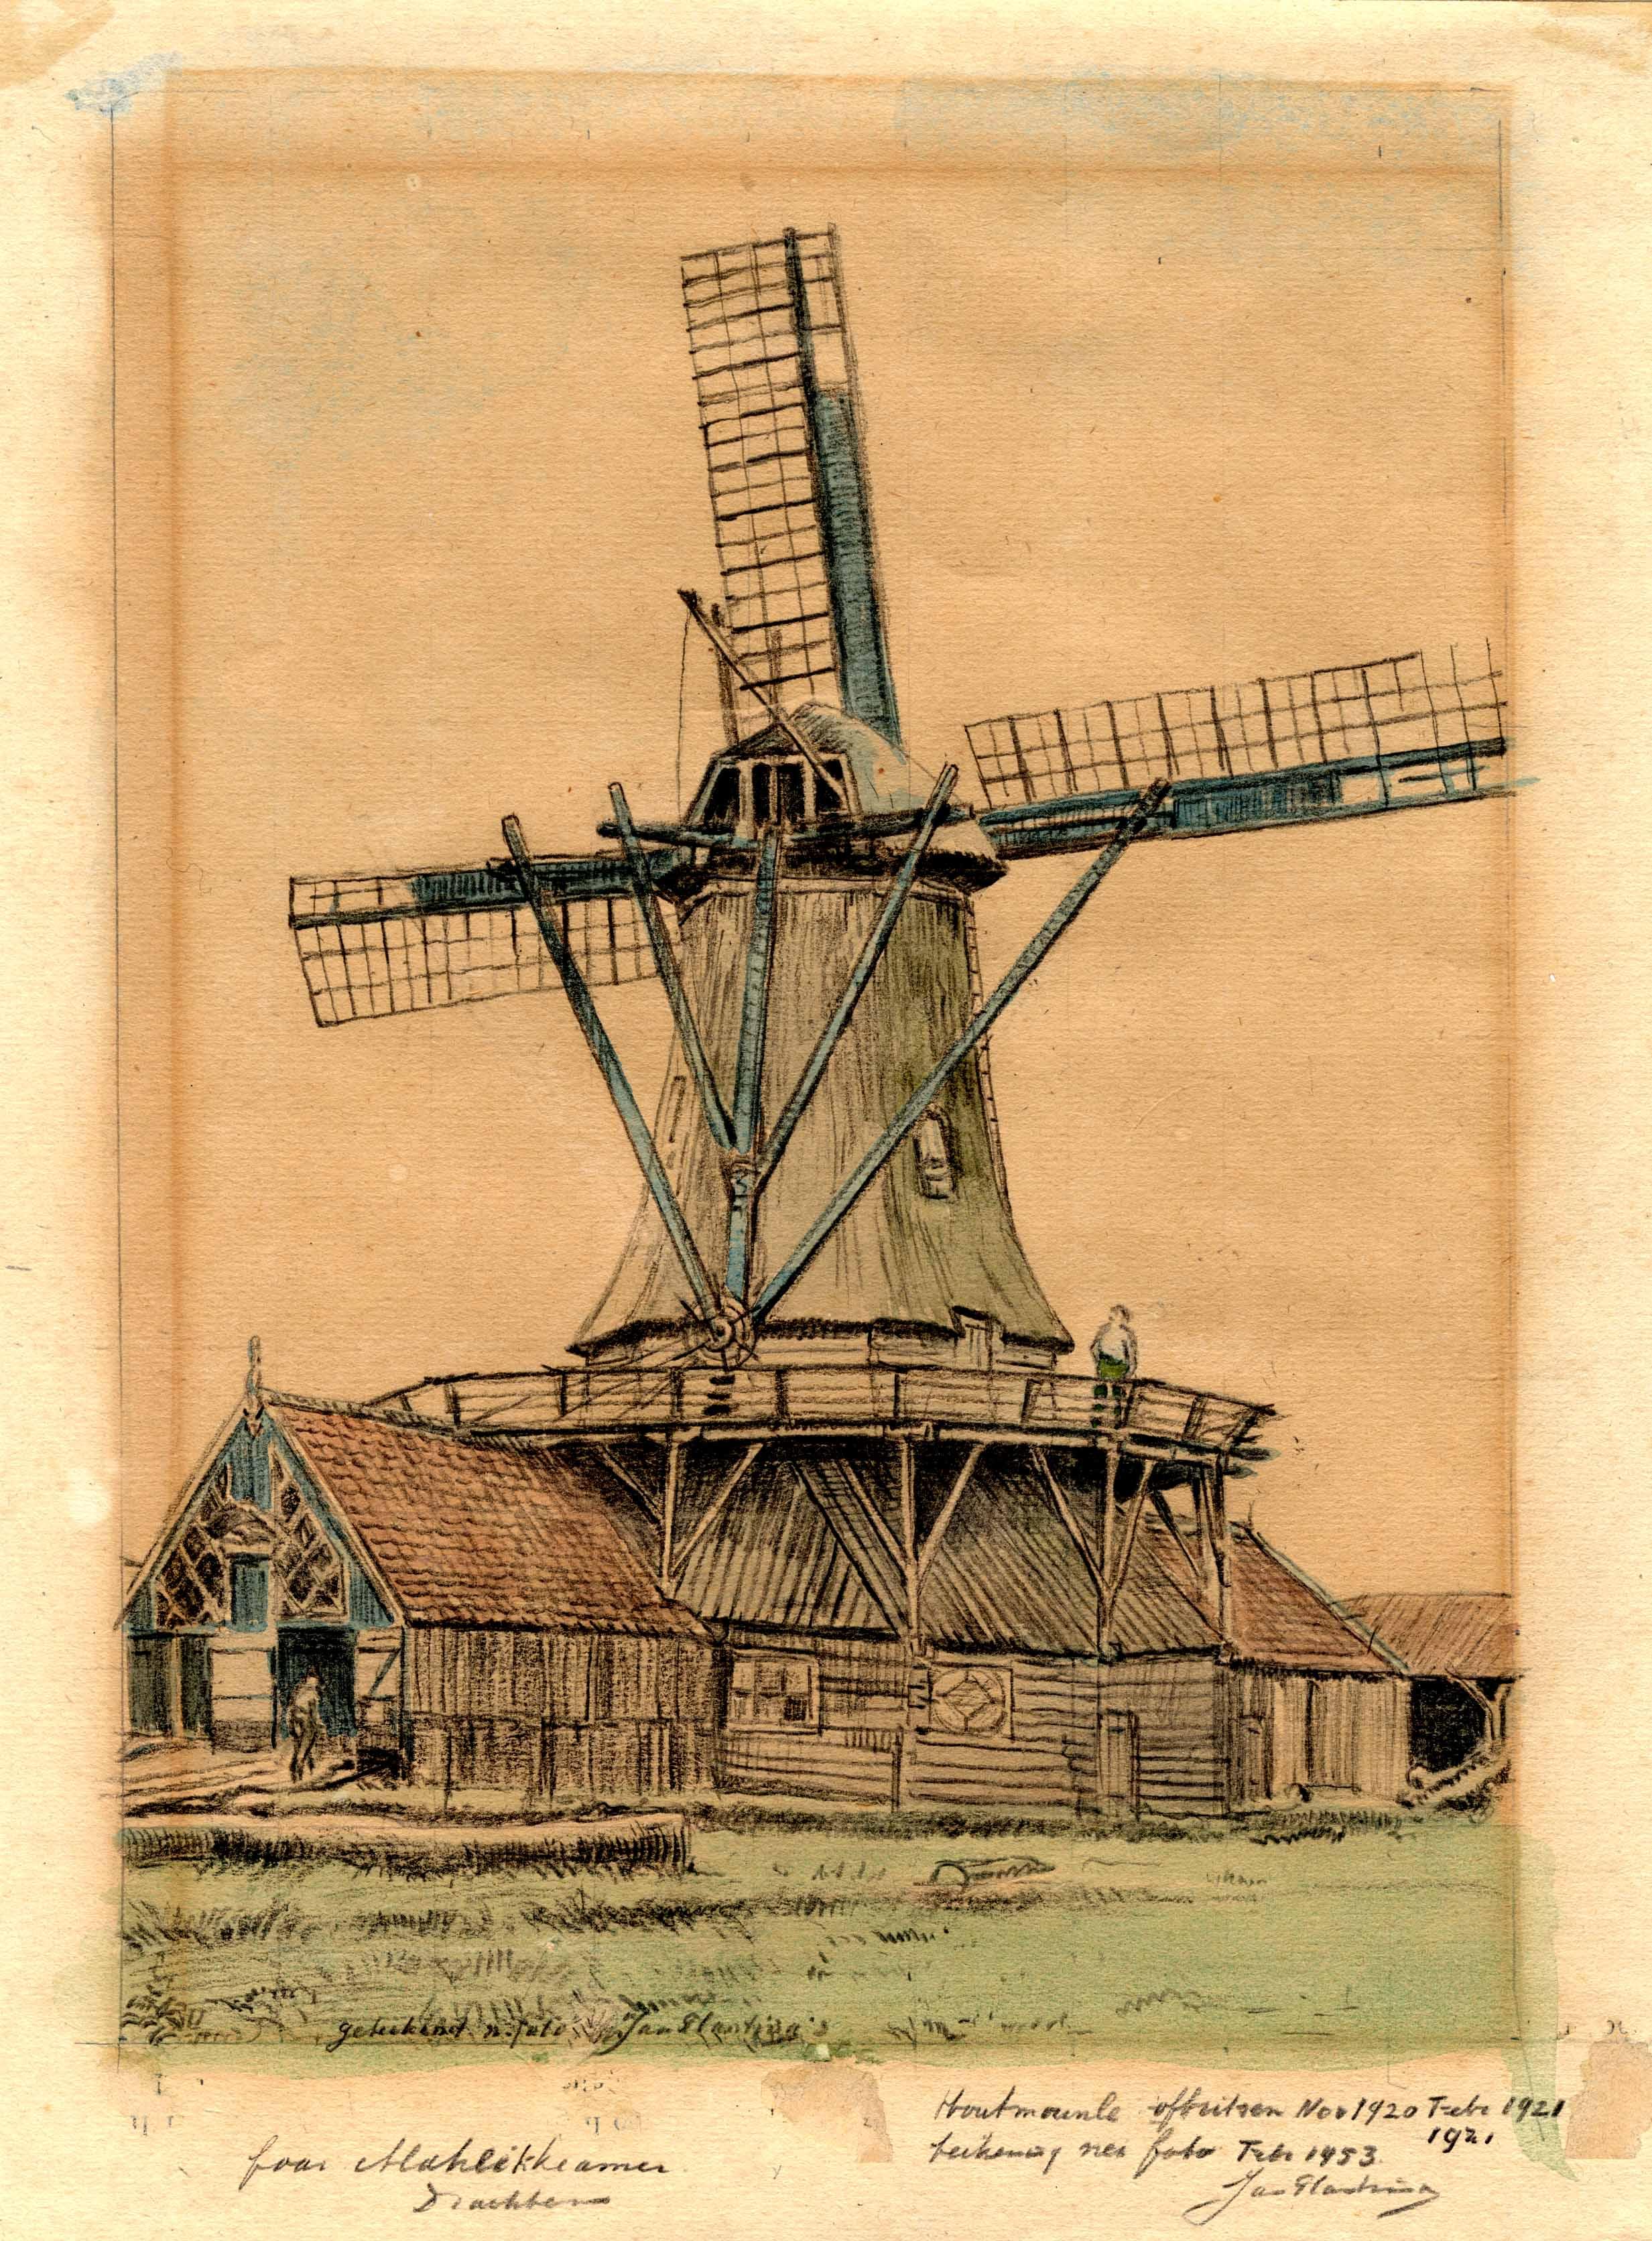 Tekening van de houtzaag molen van Bolleman